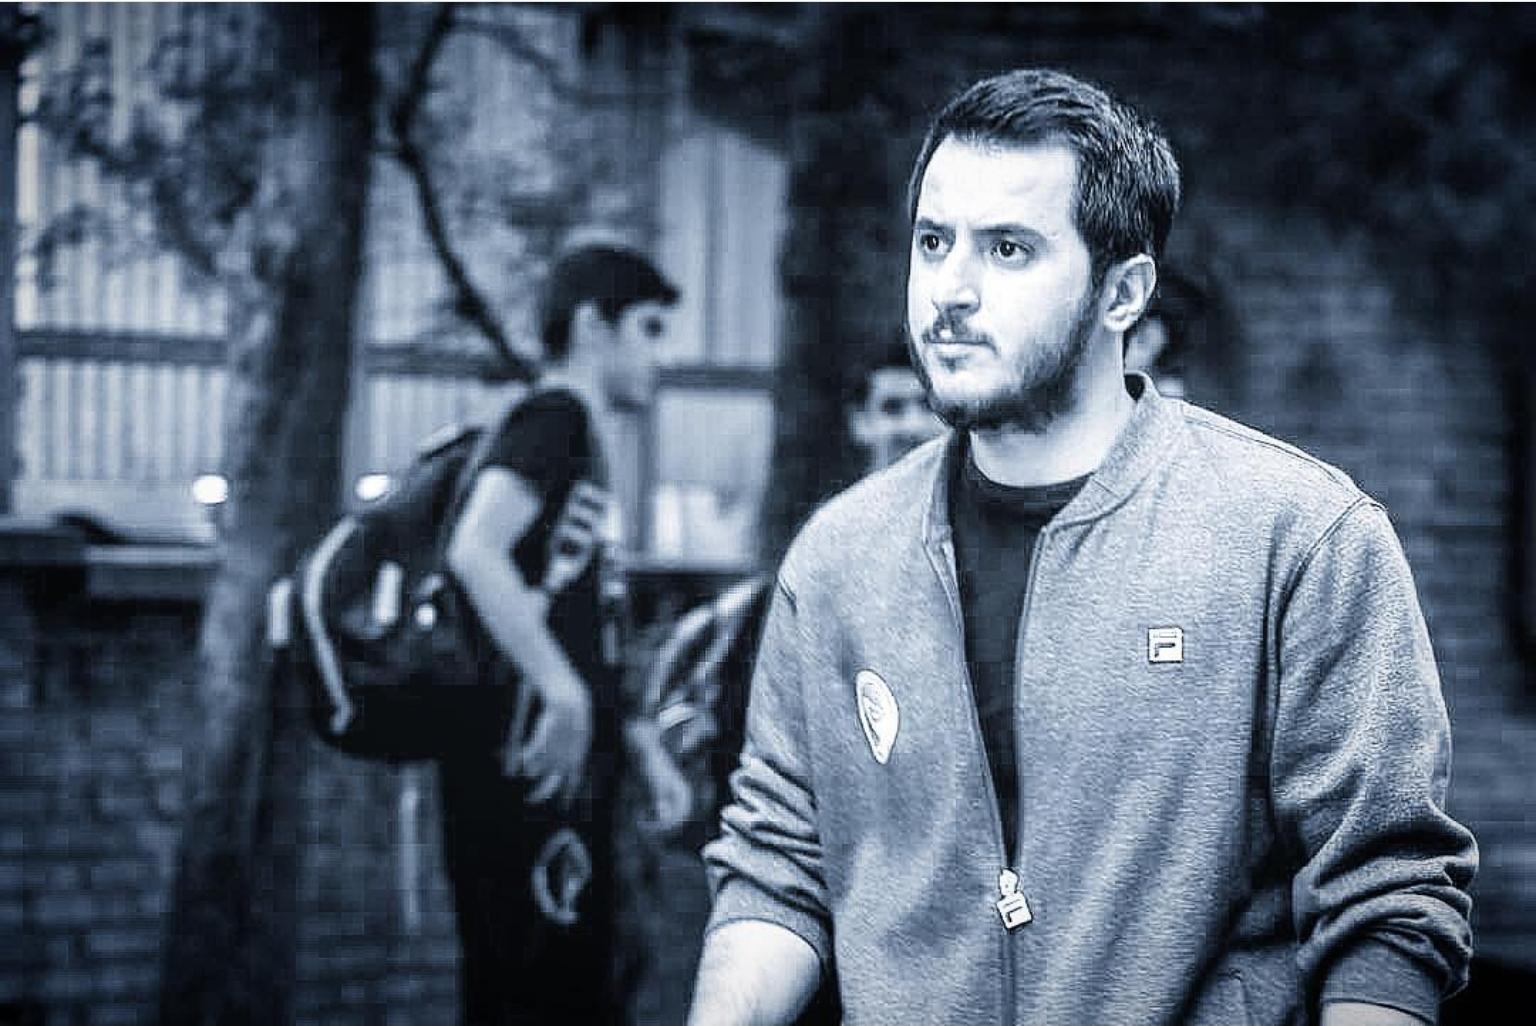 جوان رقاصی که پسر همه وزرای ایران است! / دروغ بزرگ در فضای مجازی+عکس